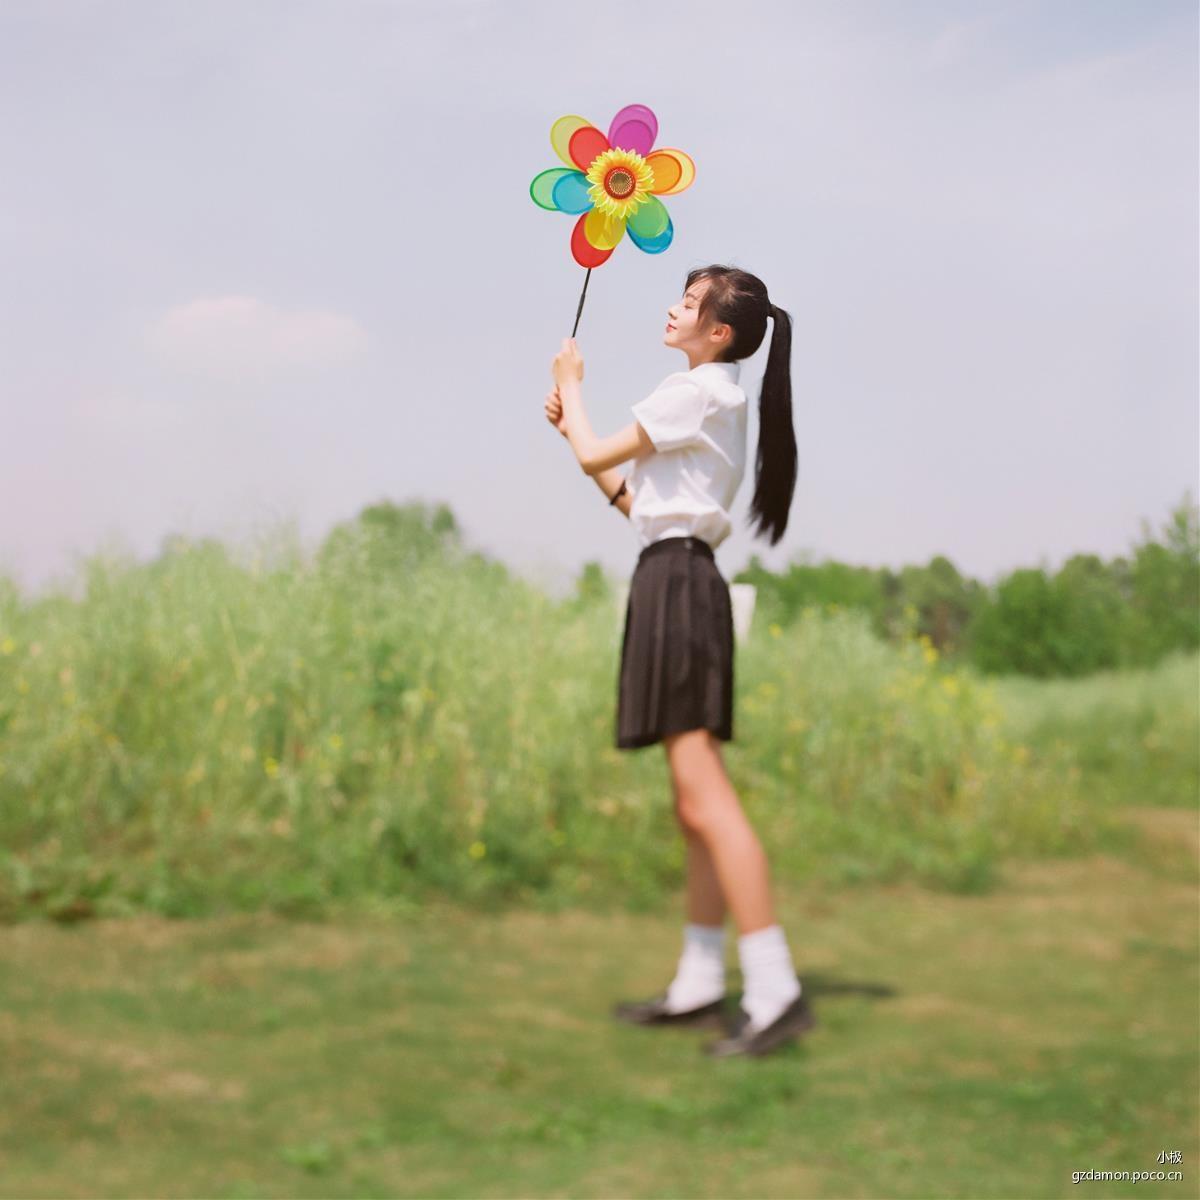 春夏—人像摄影